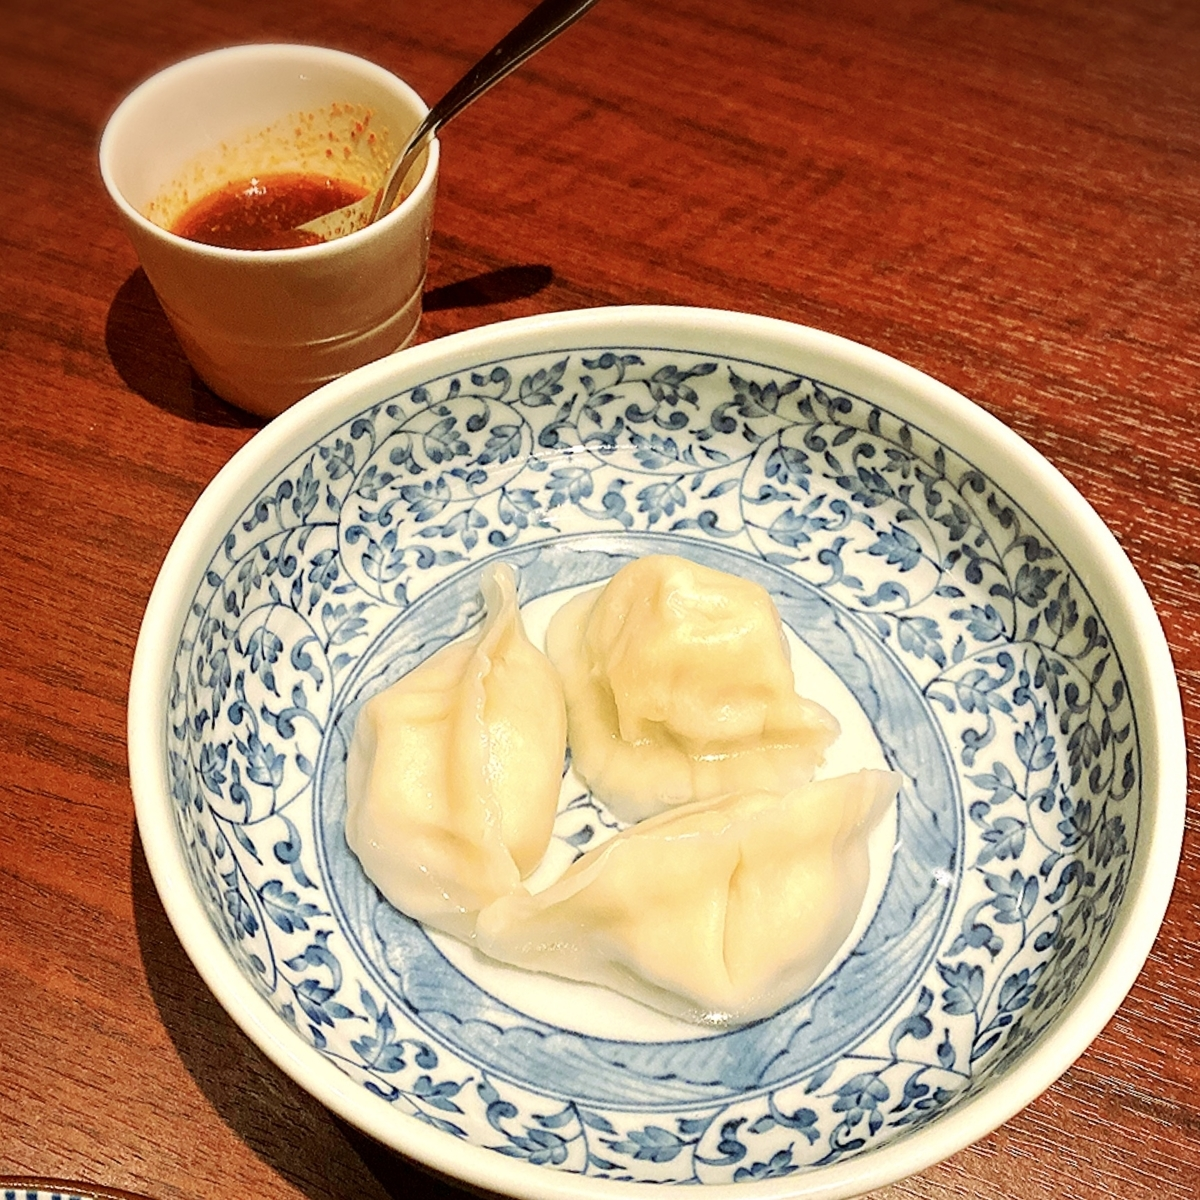 「天空飲茶酒家」はデートから宴会まで多岐に渡って利用できるめちゃくちゃ素敵な中華料理屋